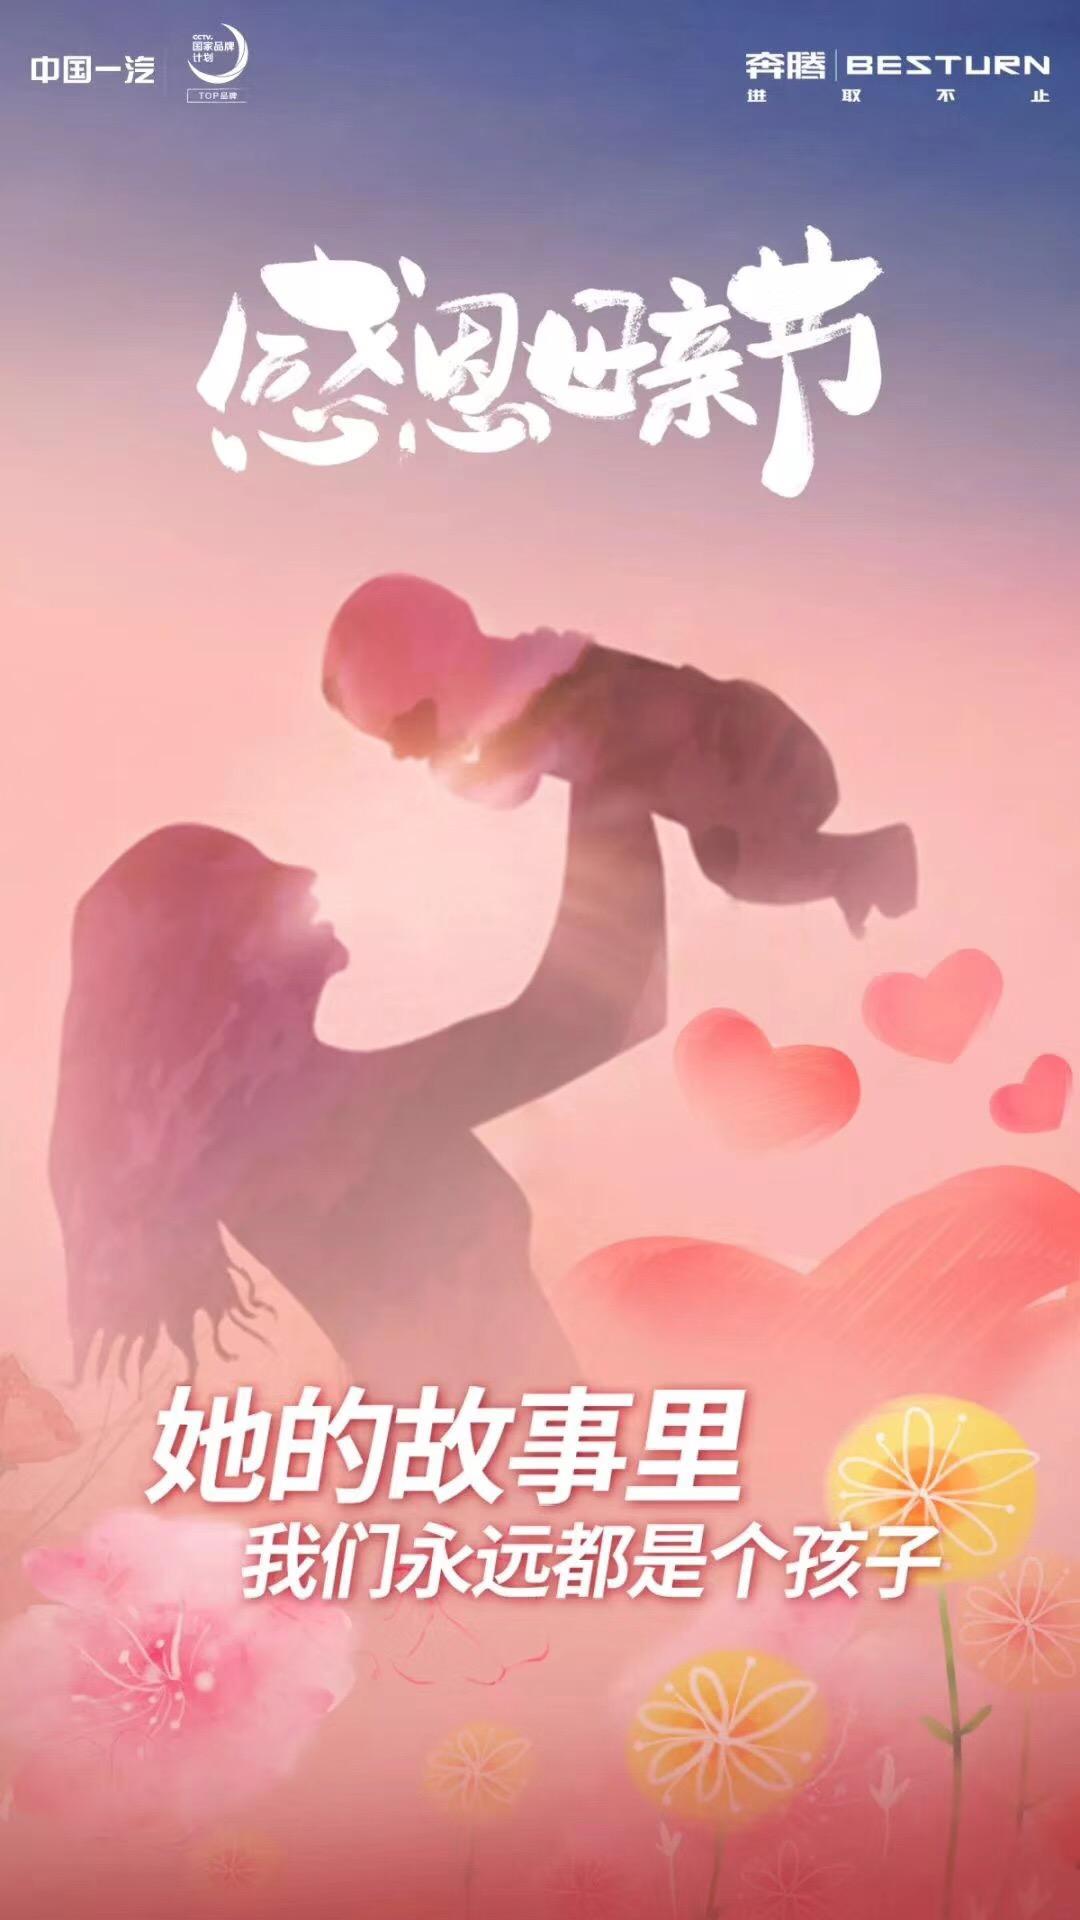 妈妈!节日快乐! 今天它们这样向母亲表达自己的爱!